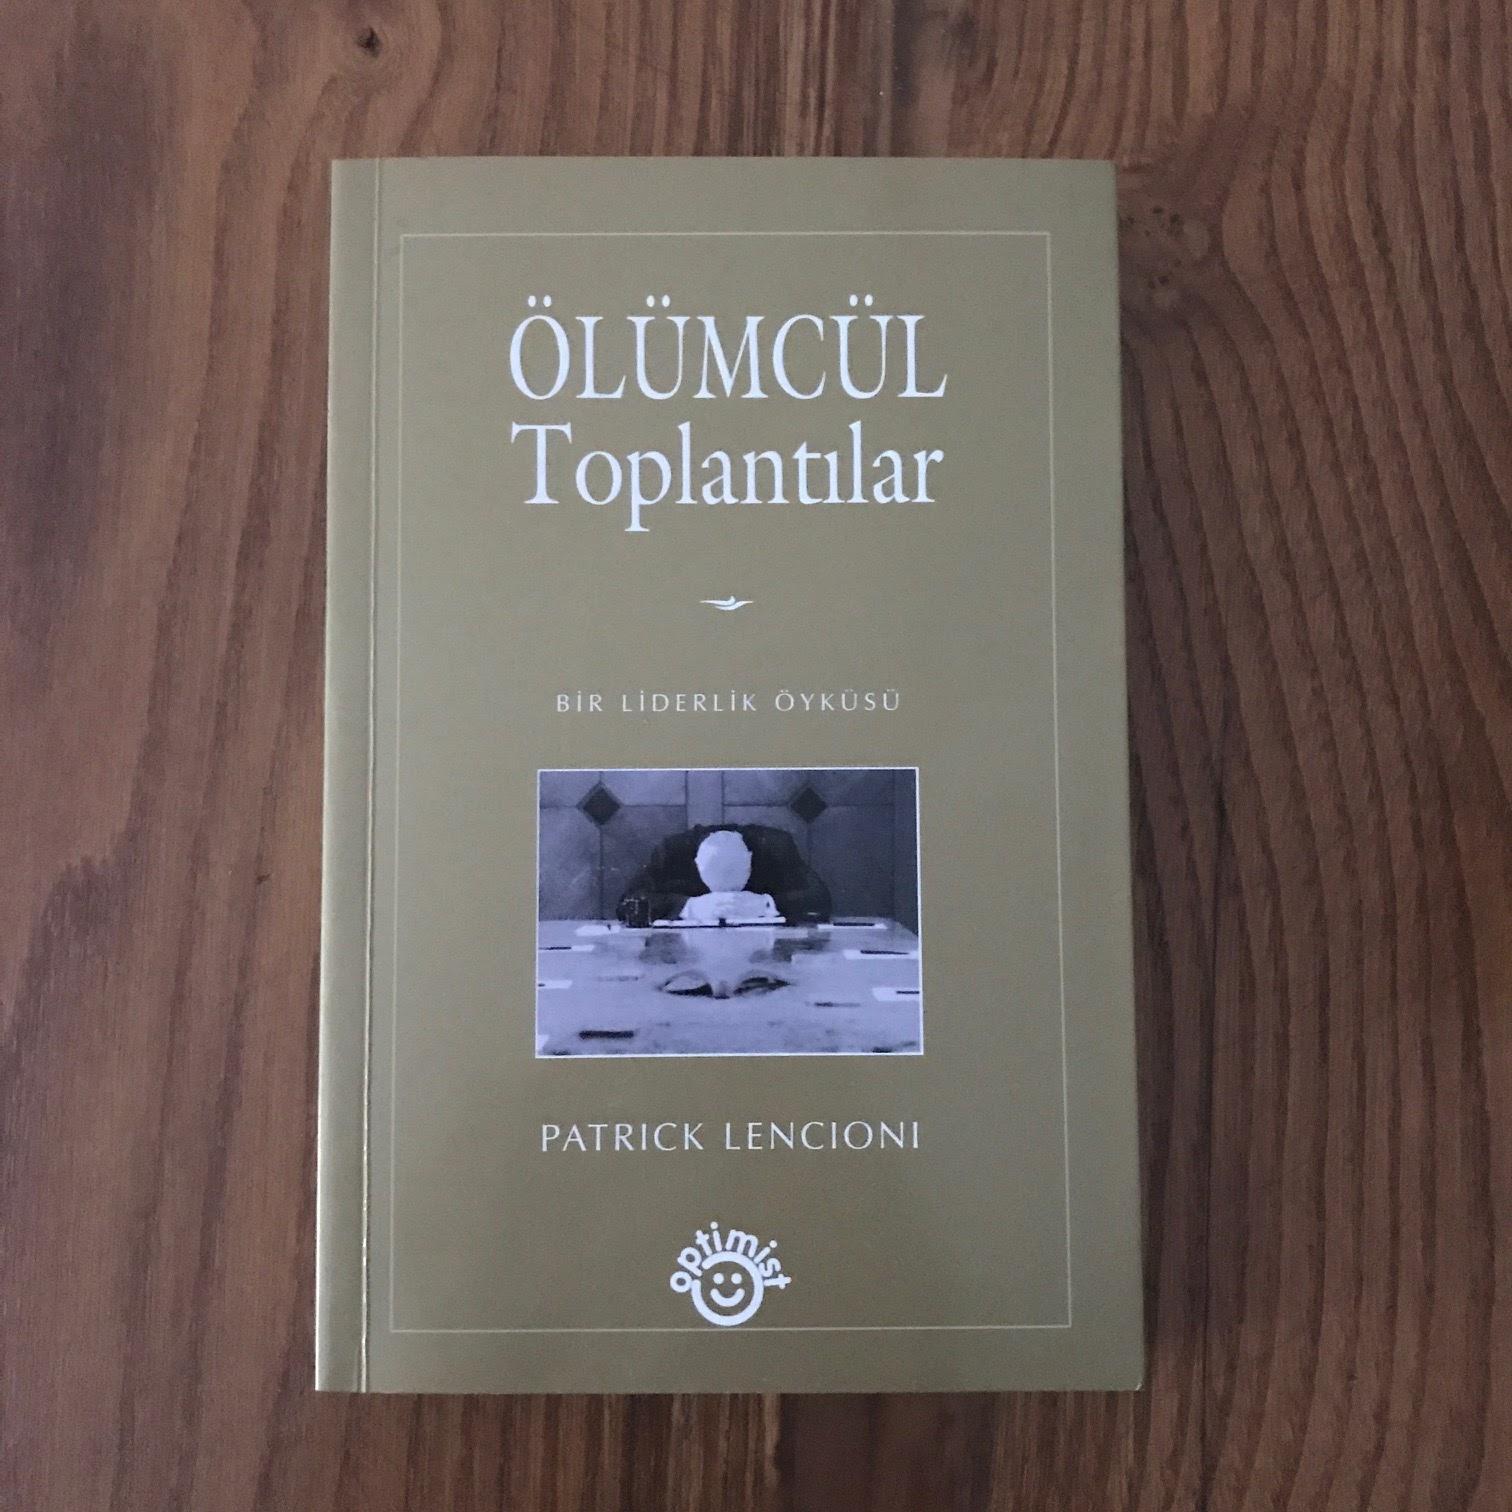 Olumcul Toplantilar - Bir Liderlik Oykusu (Kitap)